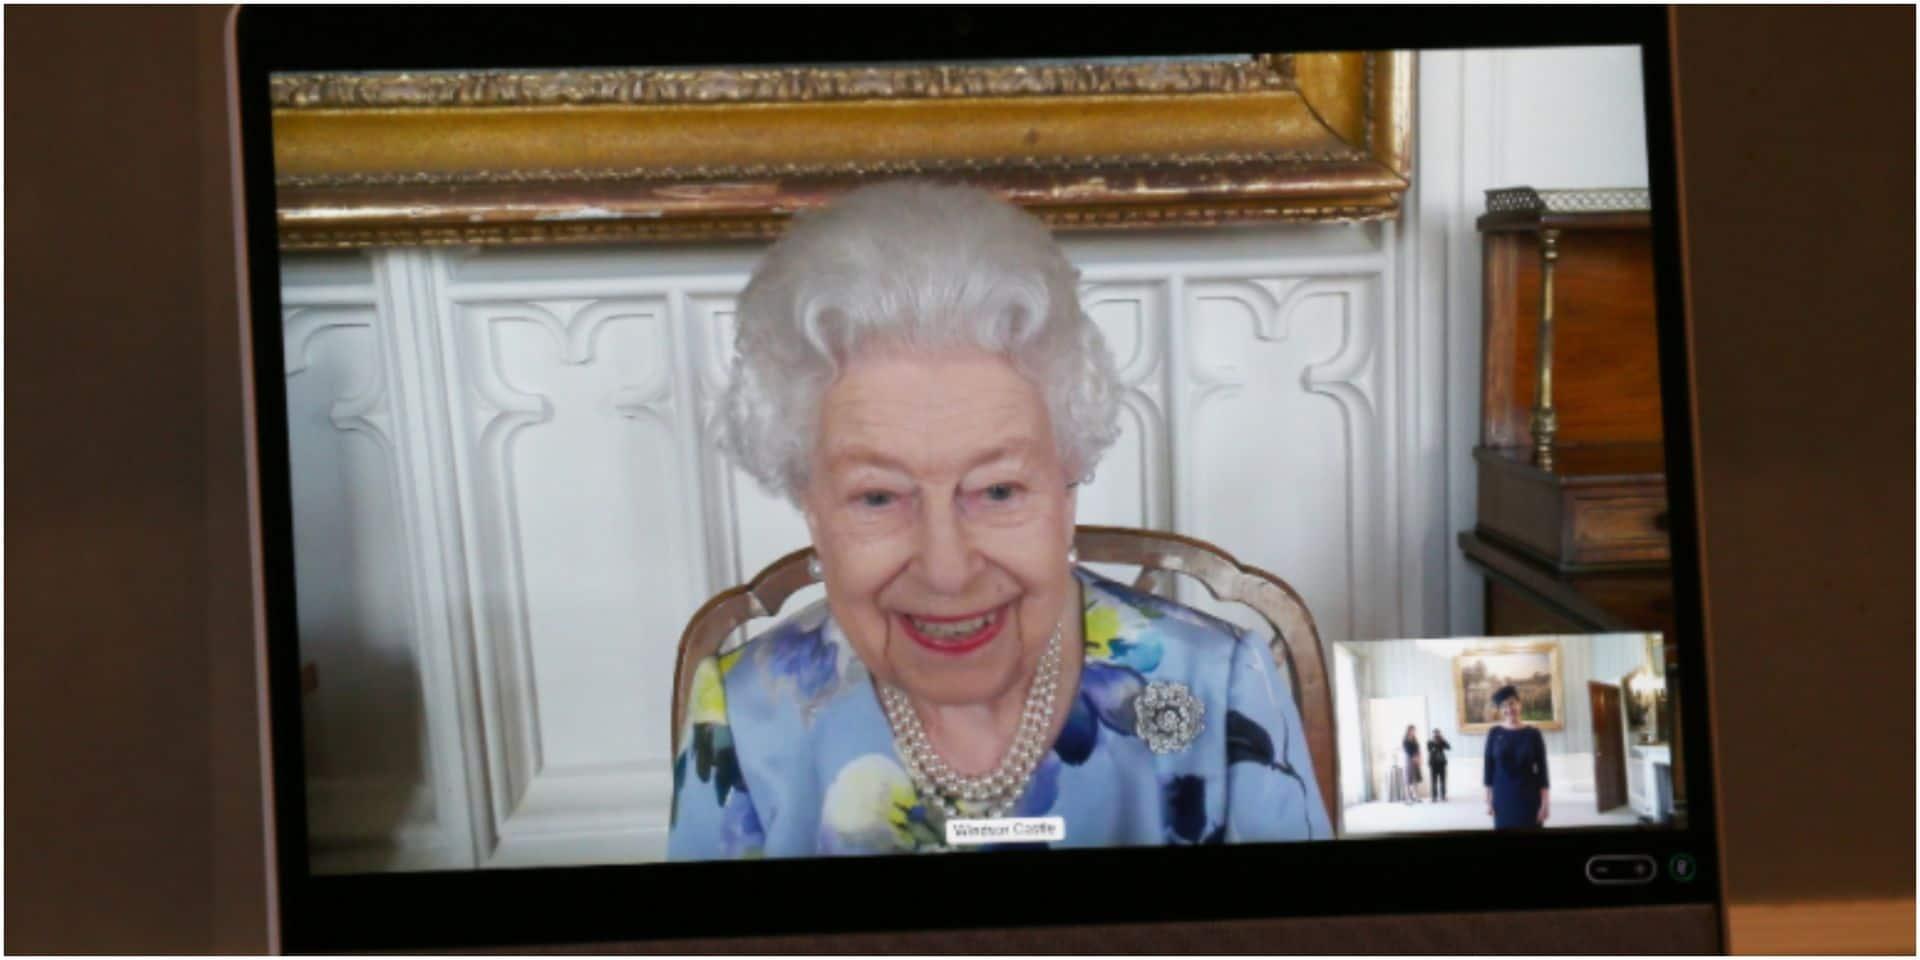 Dix jours après les funérailles de Philip, la reine Elizabeth reprend ses obligations officielles, le sourire aux lèvres